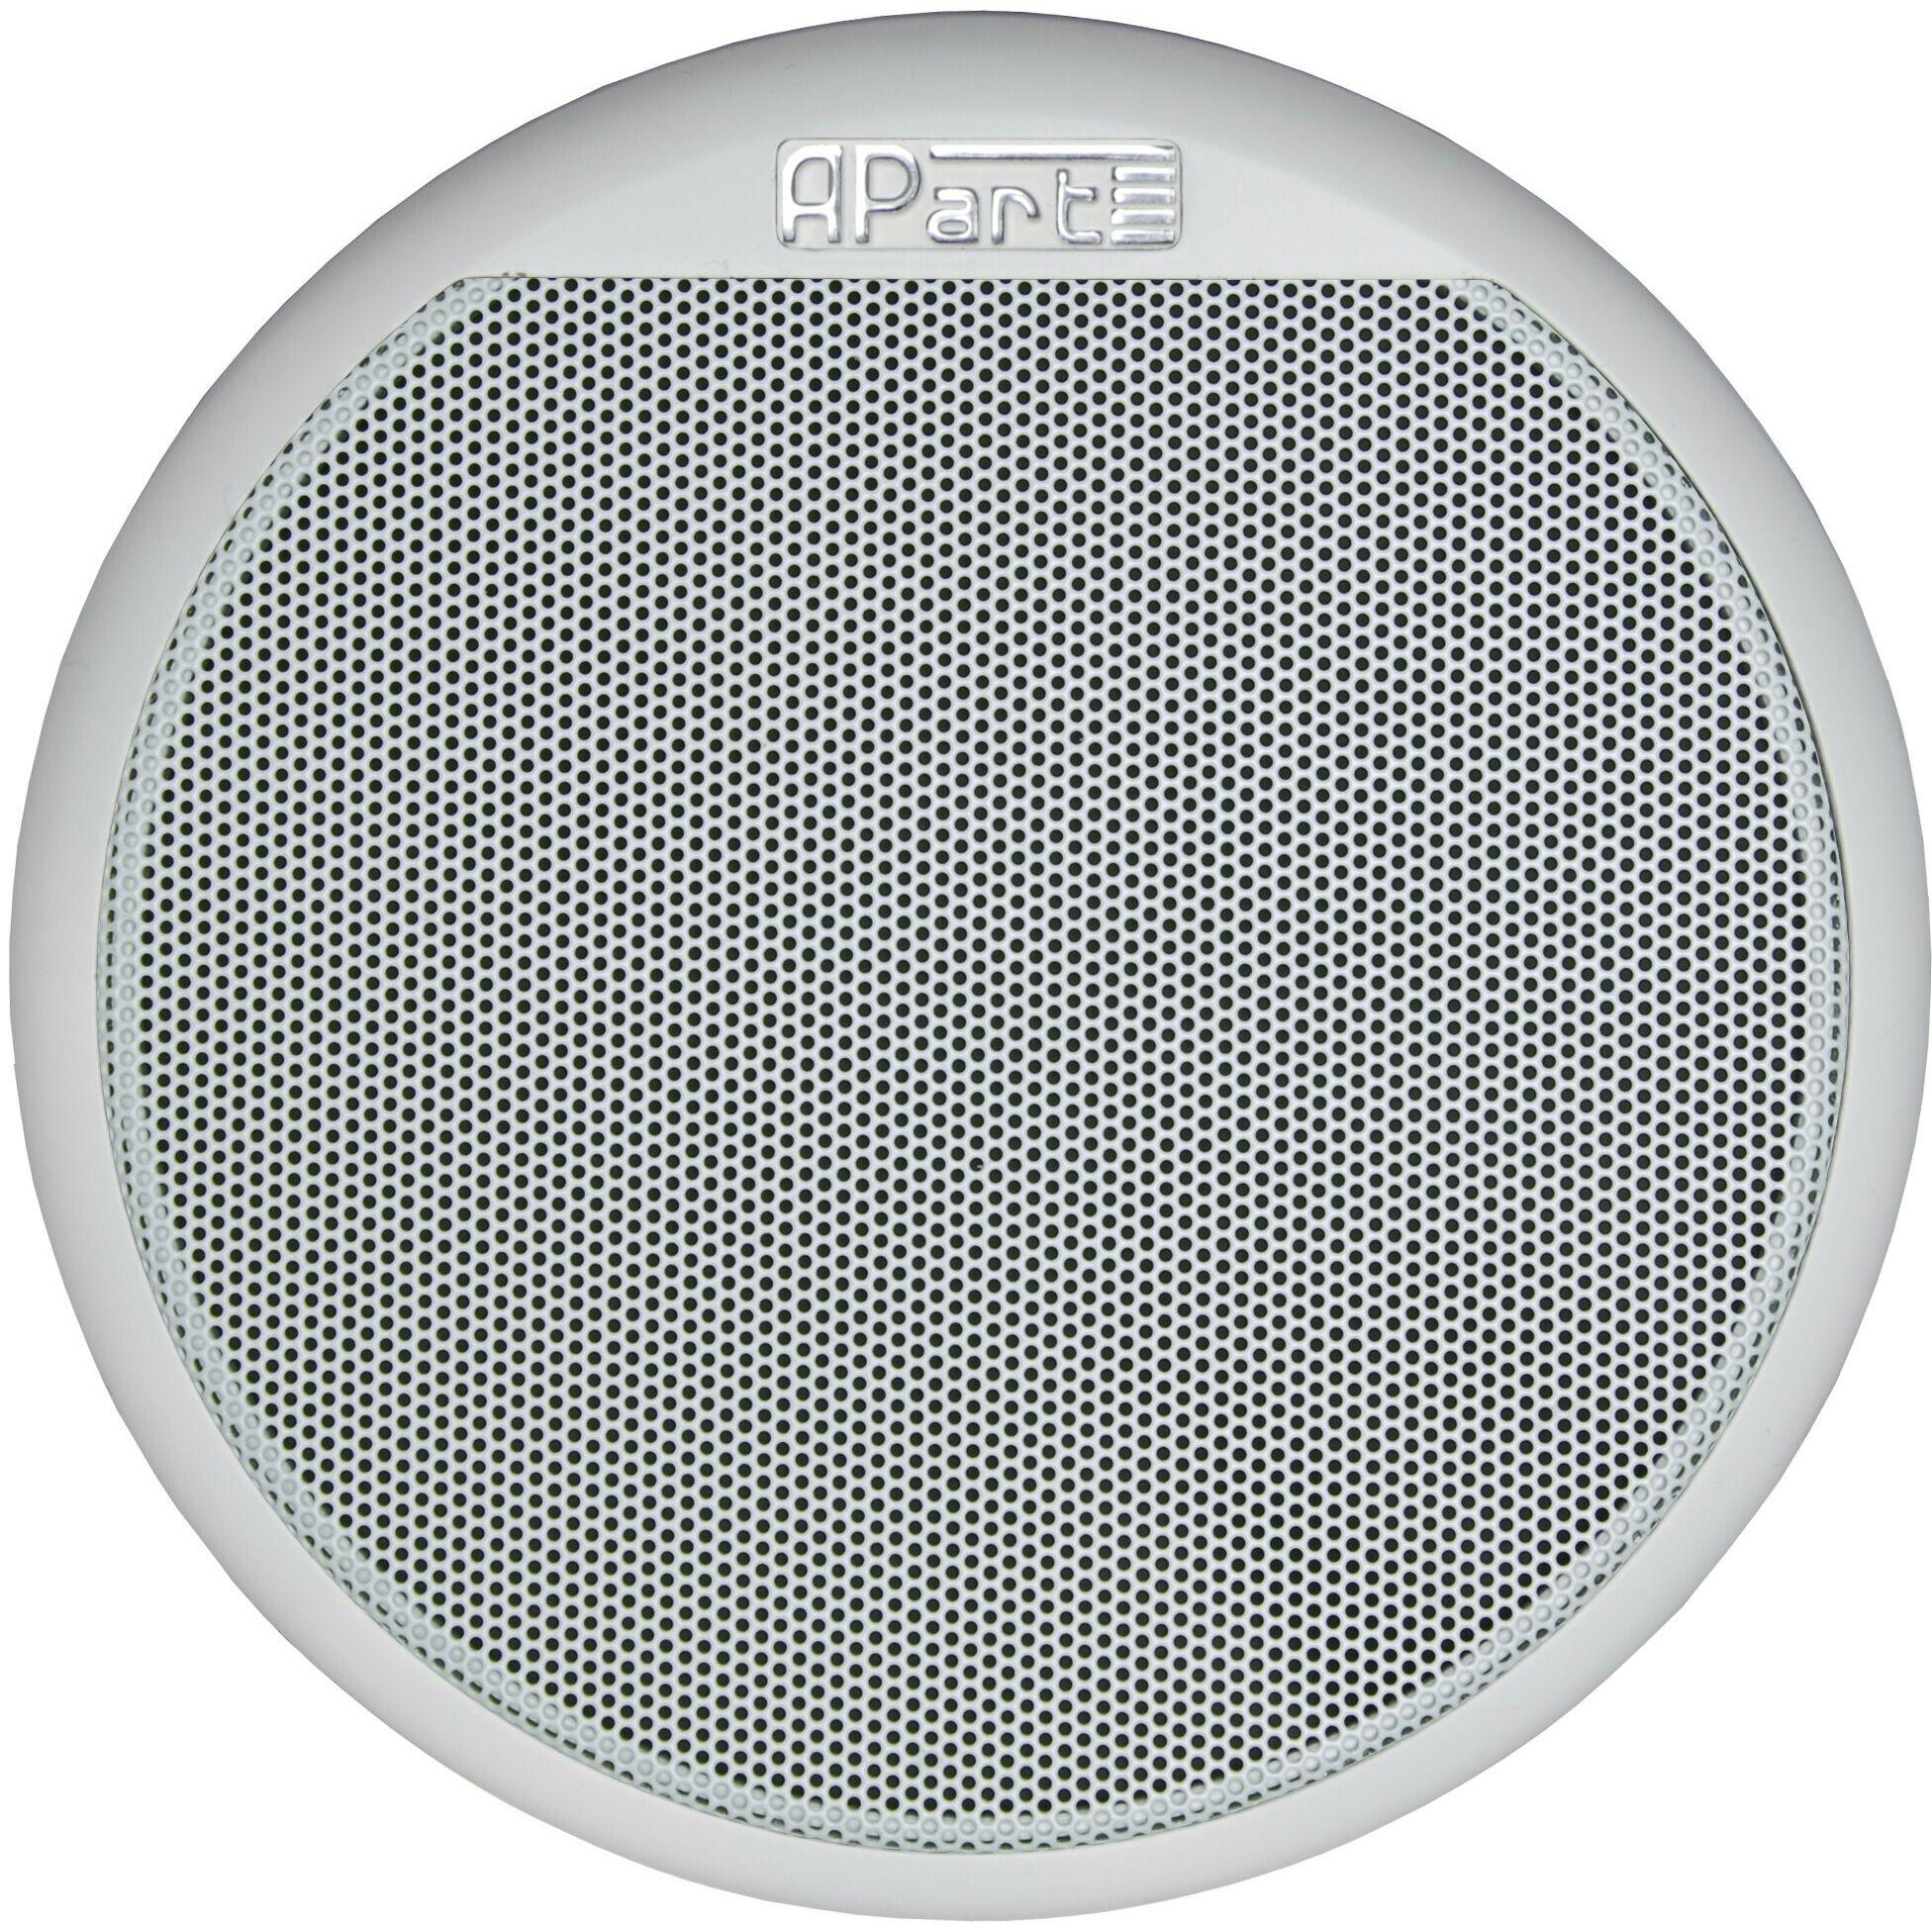 Apart CMAR6-W 2-drożny morski głośnik 6,5 do zabudowy 60W 8Ohm